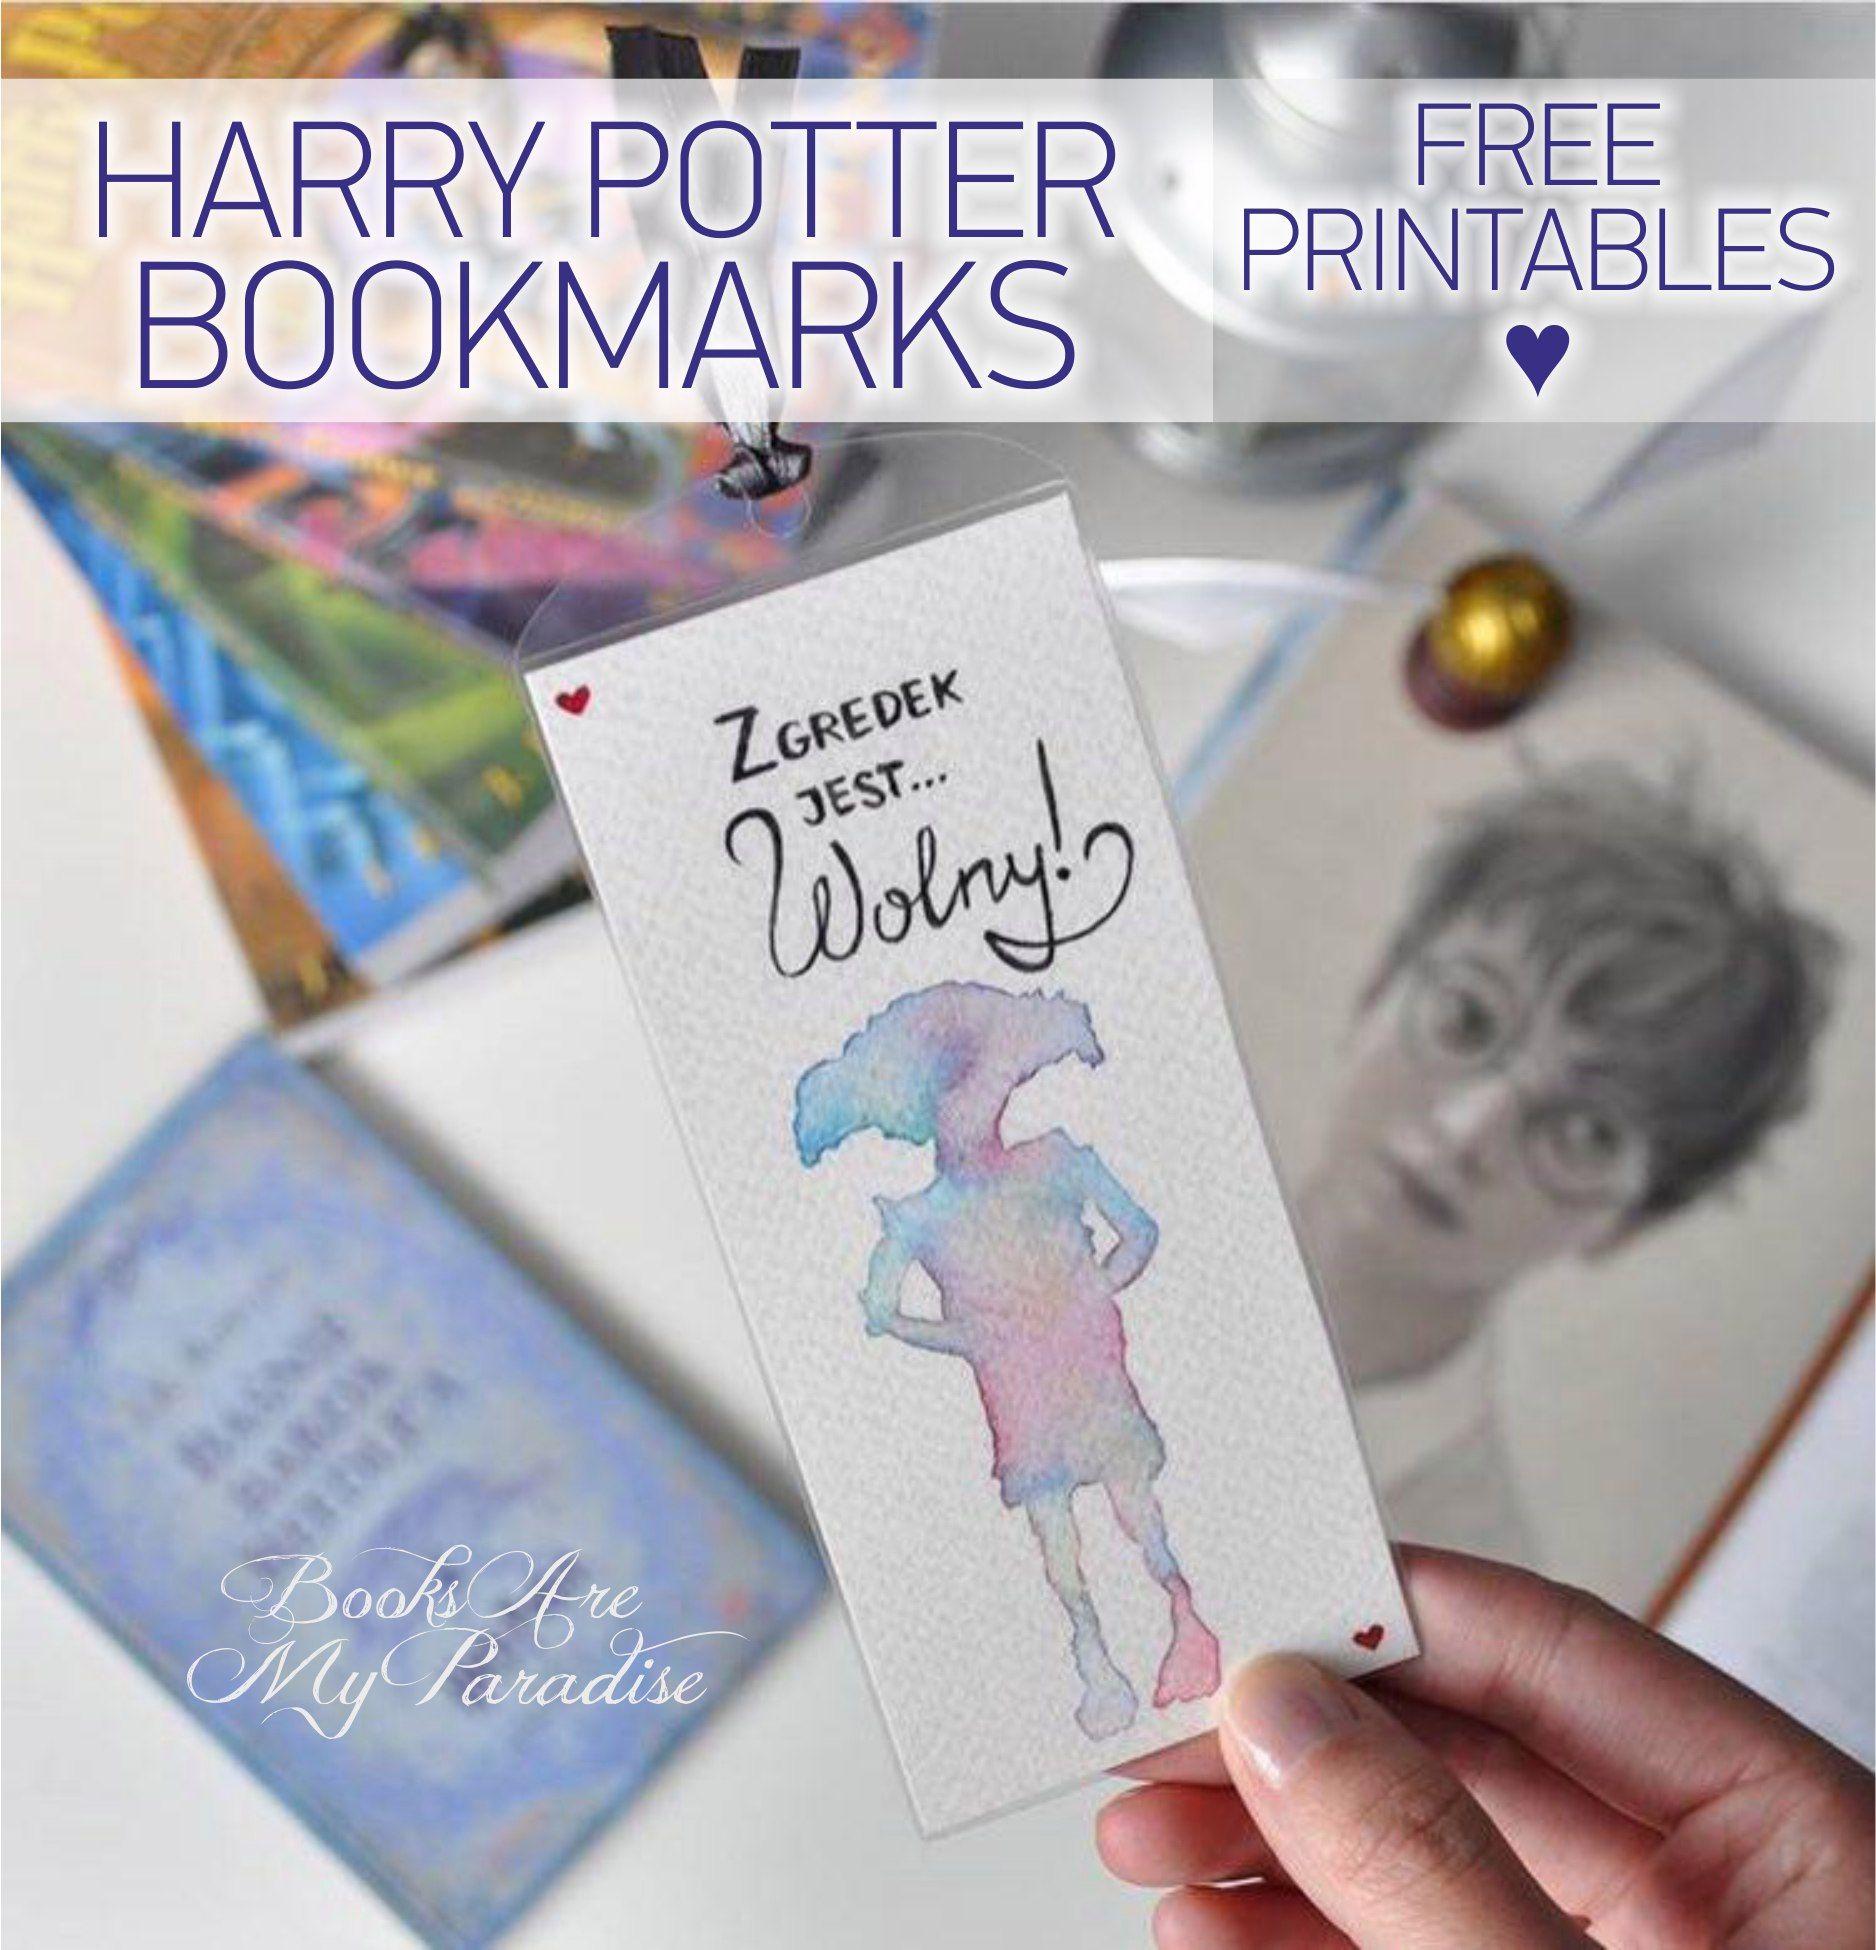 Harry Potter V.1 Bookmarks // FREE Printables